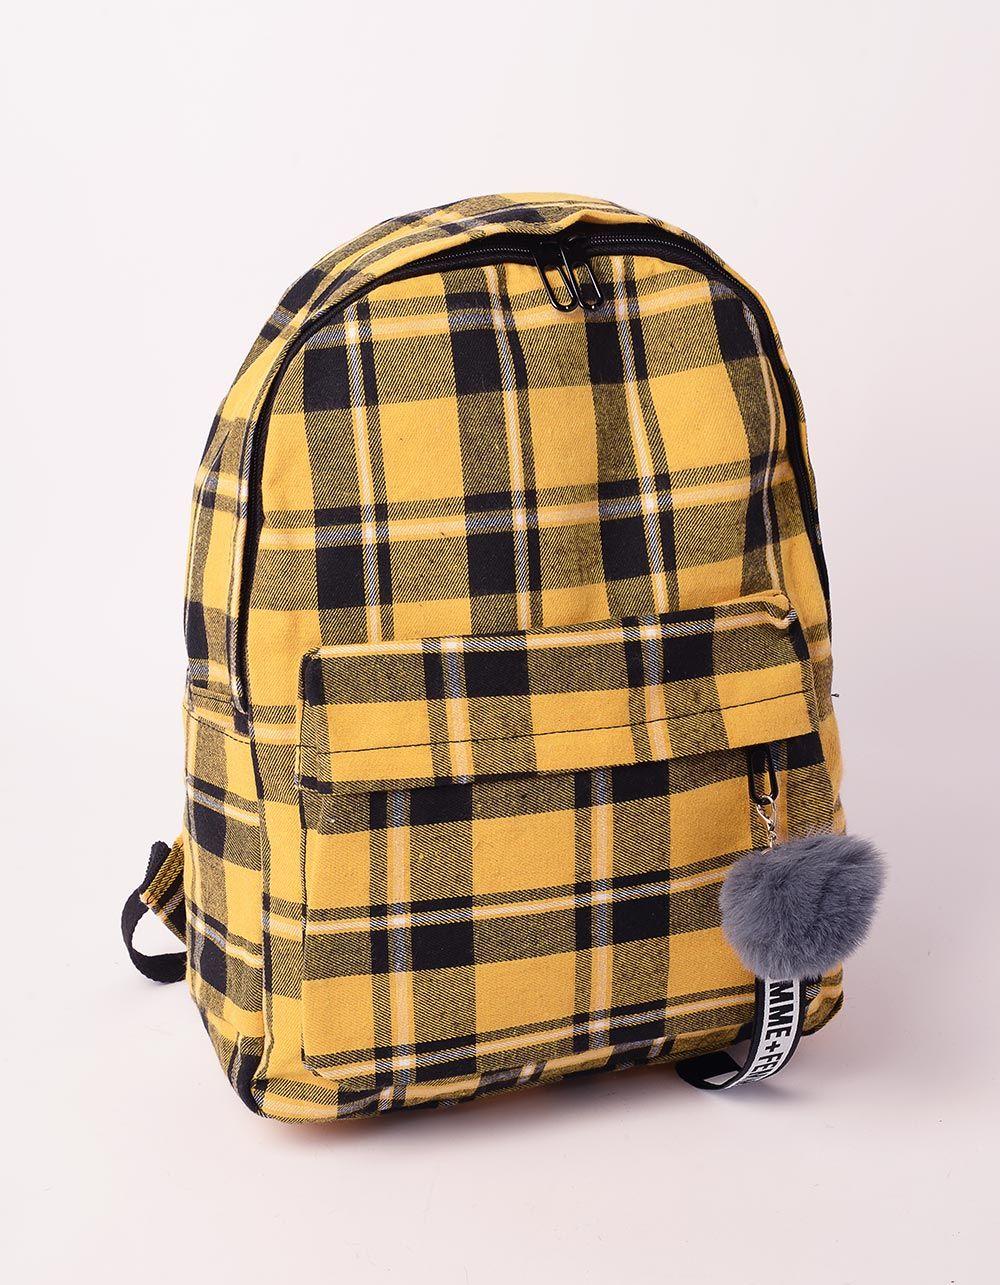 Рюкзак у клітинку з хутряним брелоком на кишені | 238481-19-XX